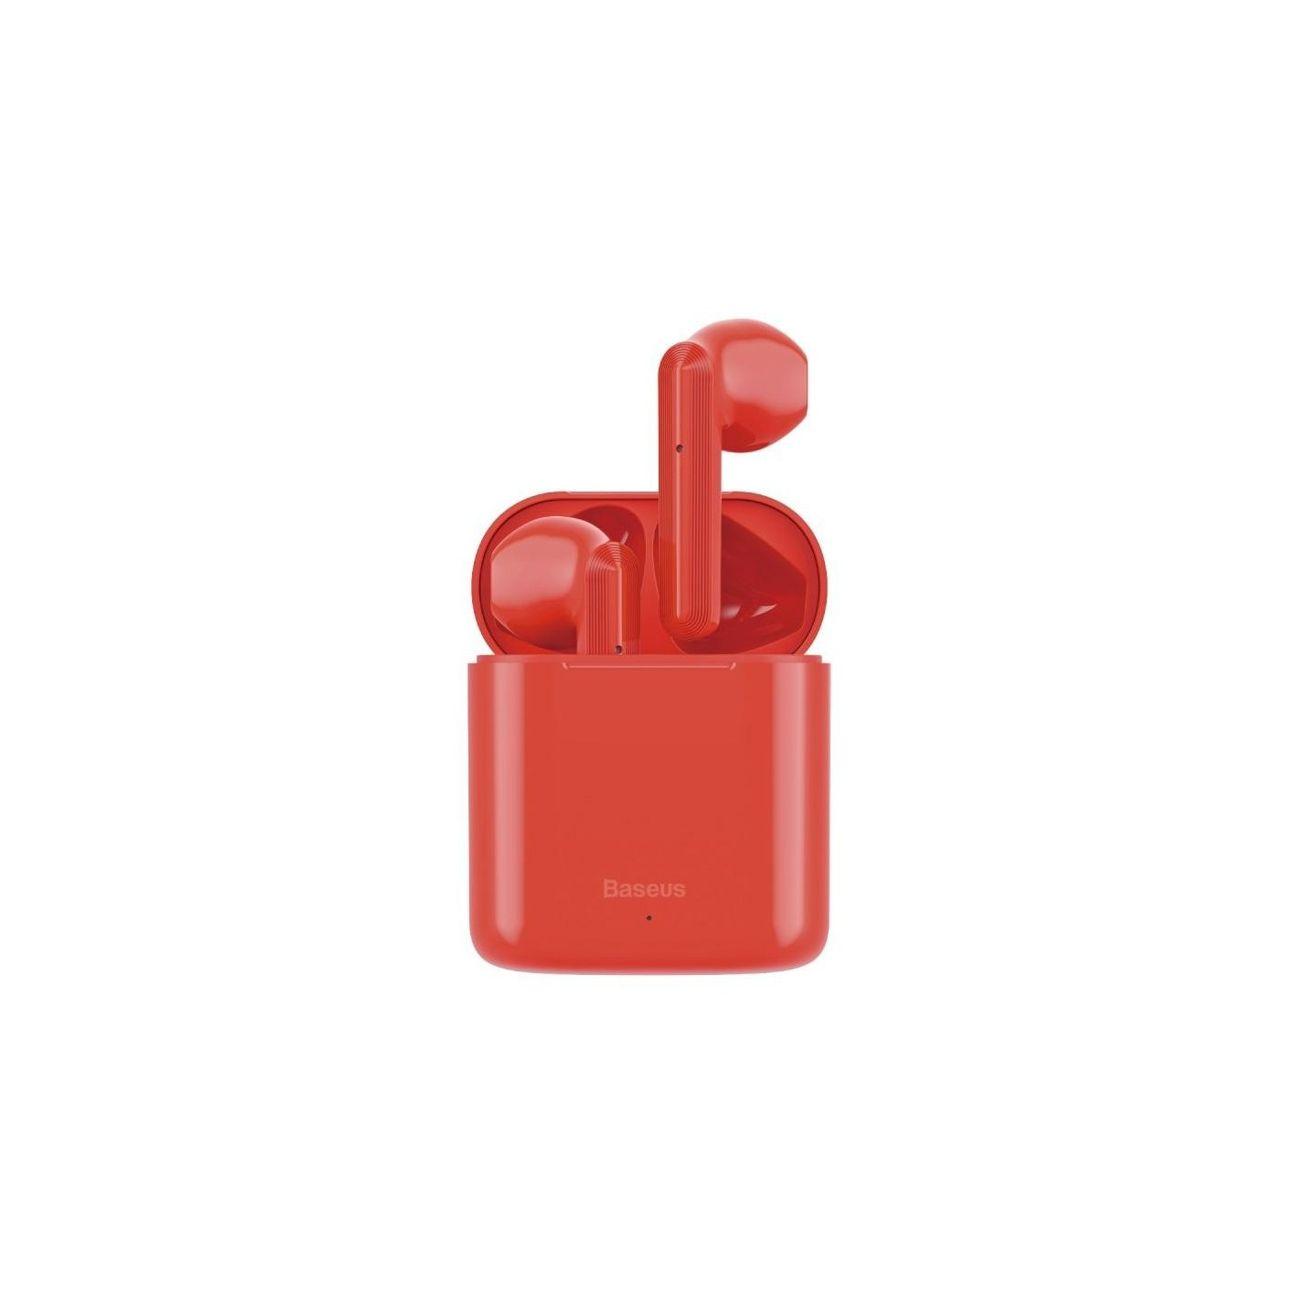 BASEUS Ecouteurs Bluetooth TWS W09 Encok Baseus